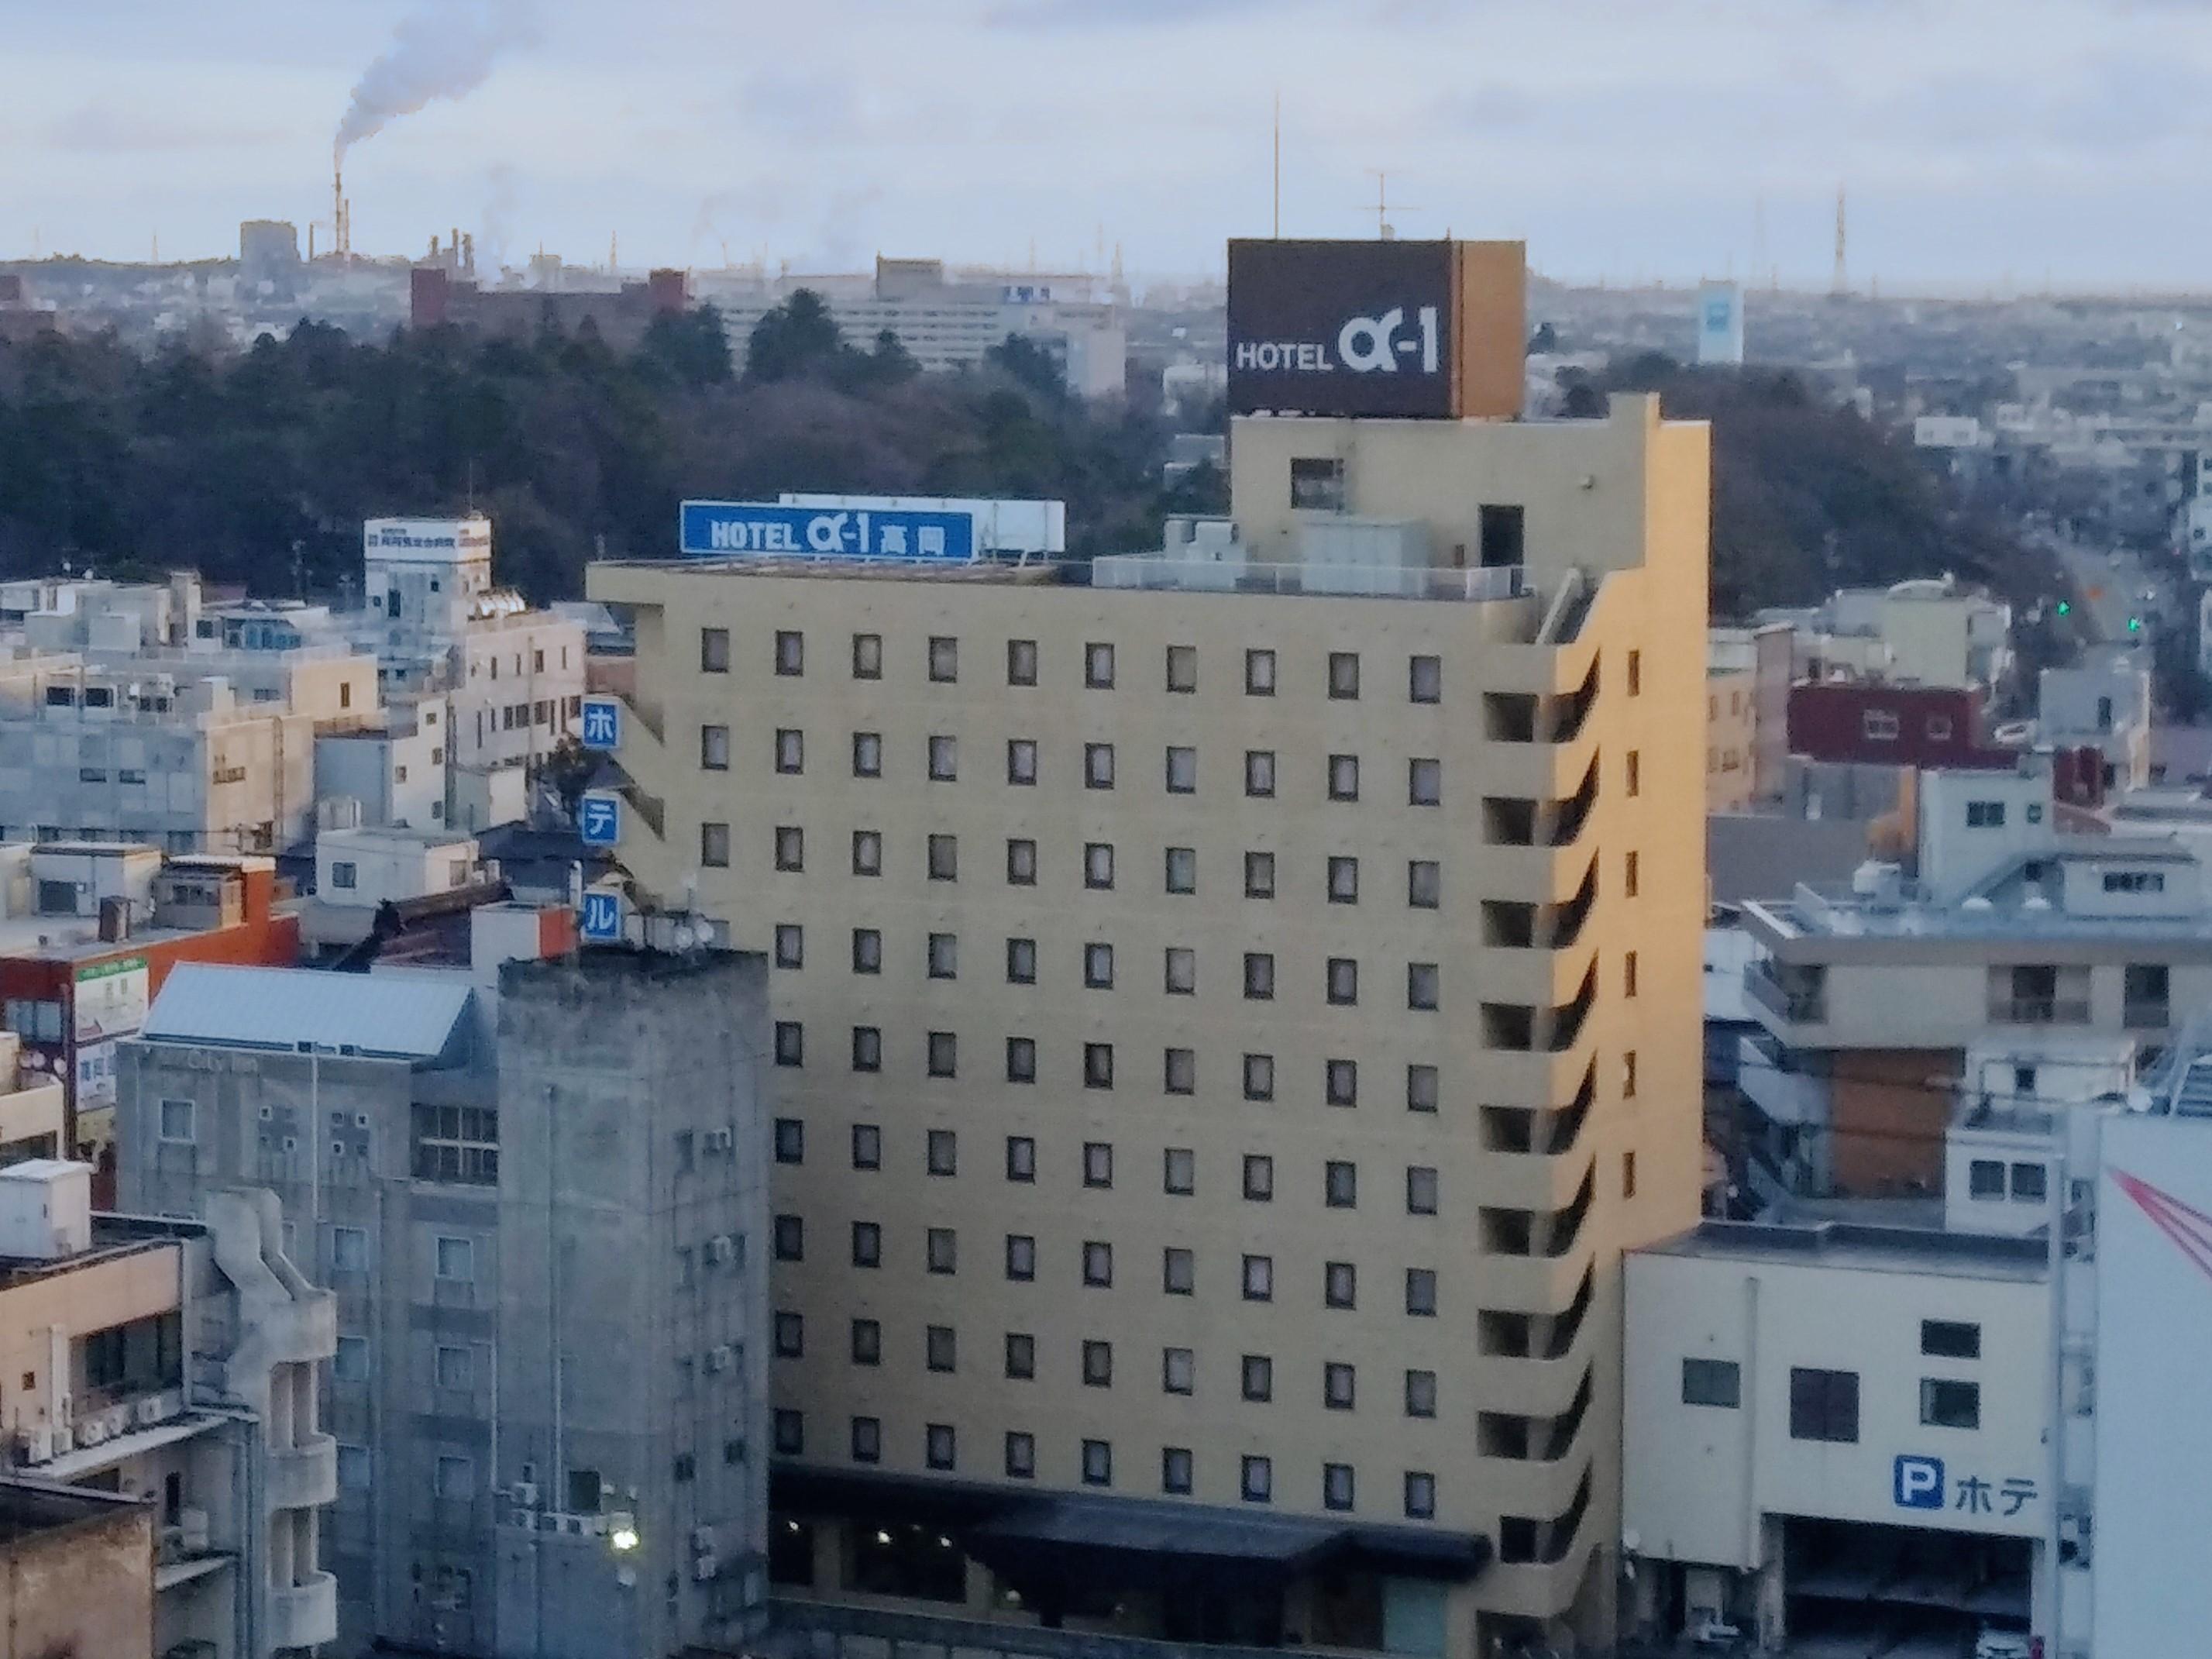 ホテルアルファーワン高岡 image